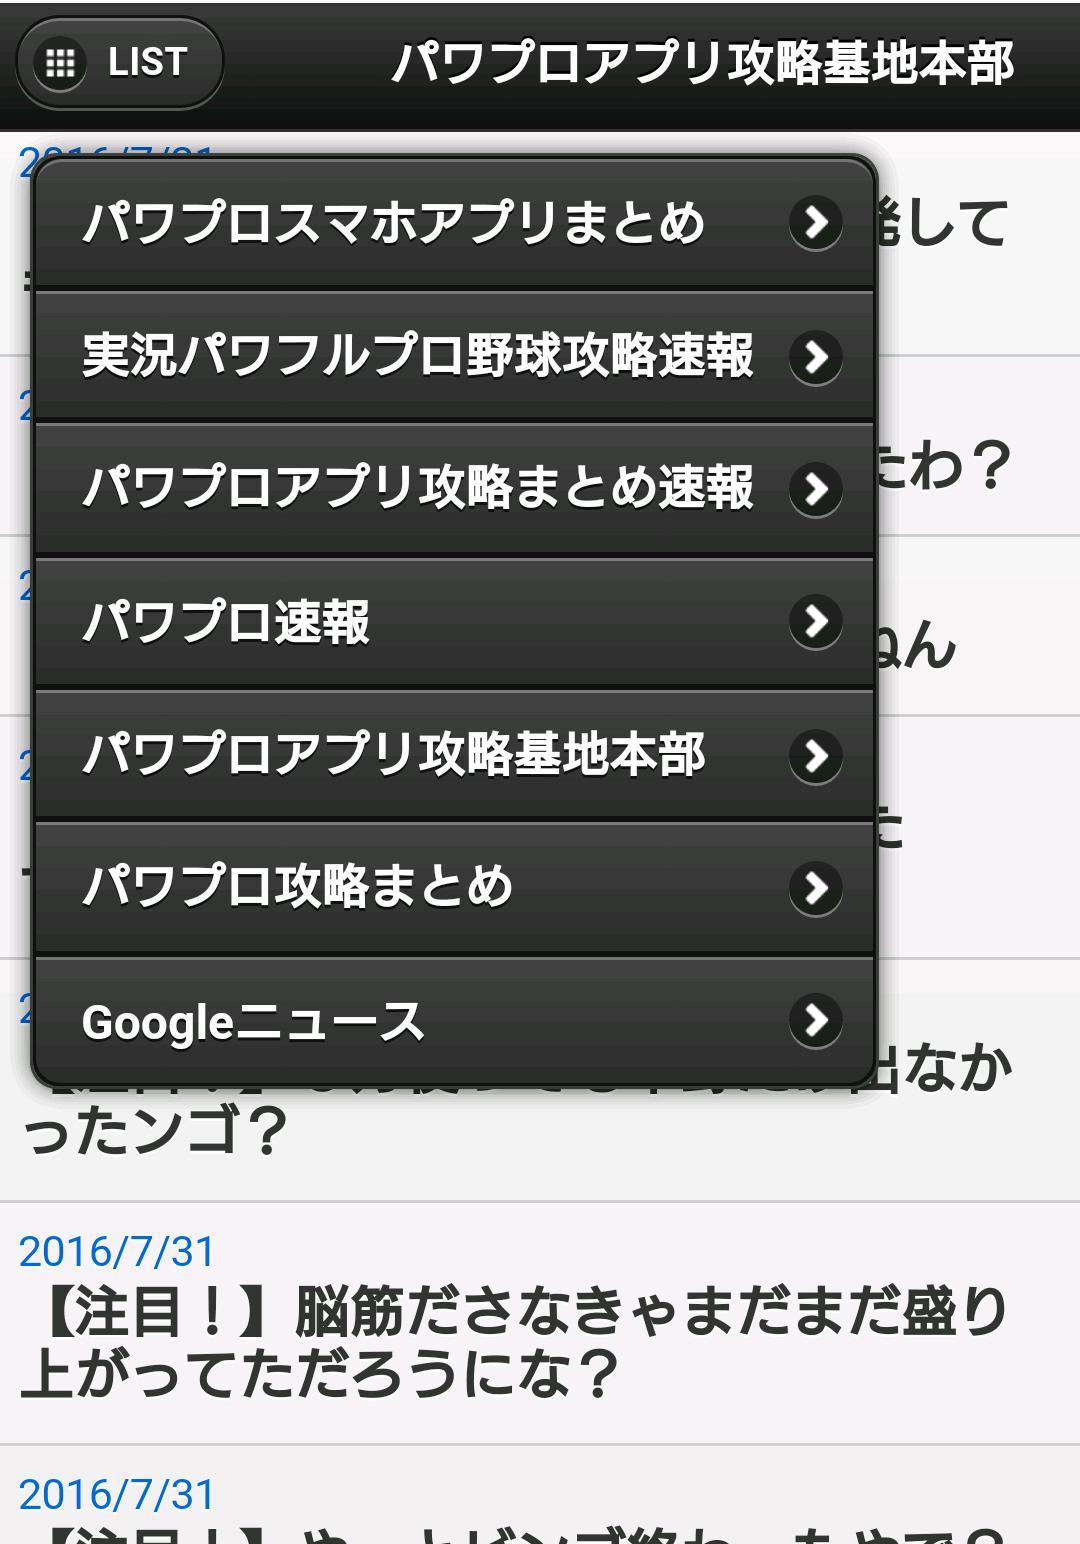 パワプロ アプリ まとめ